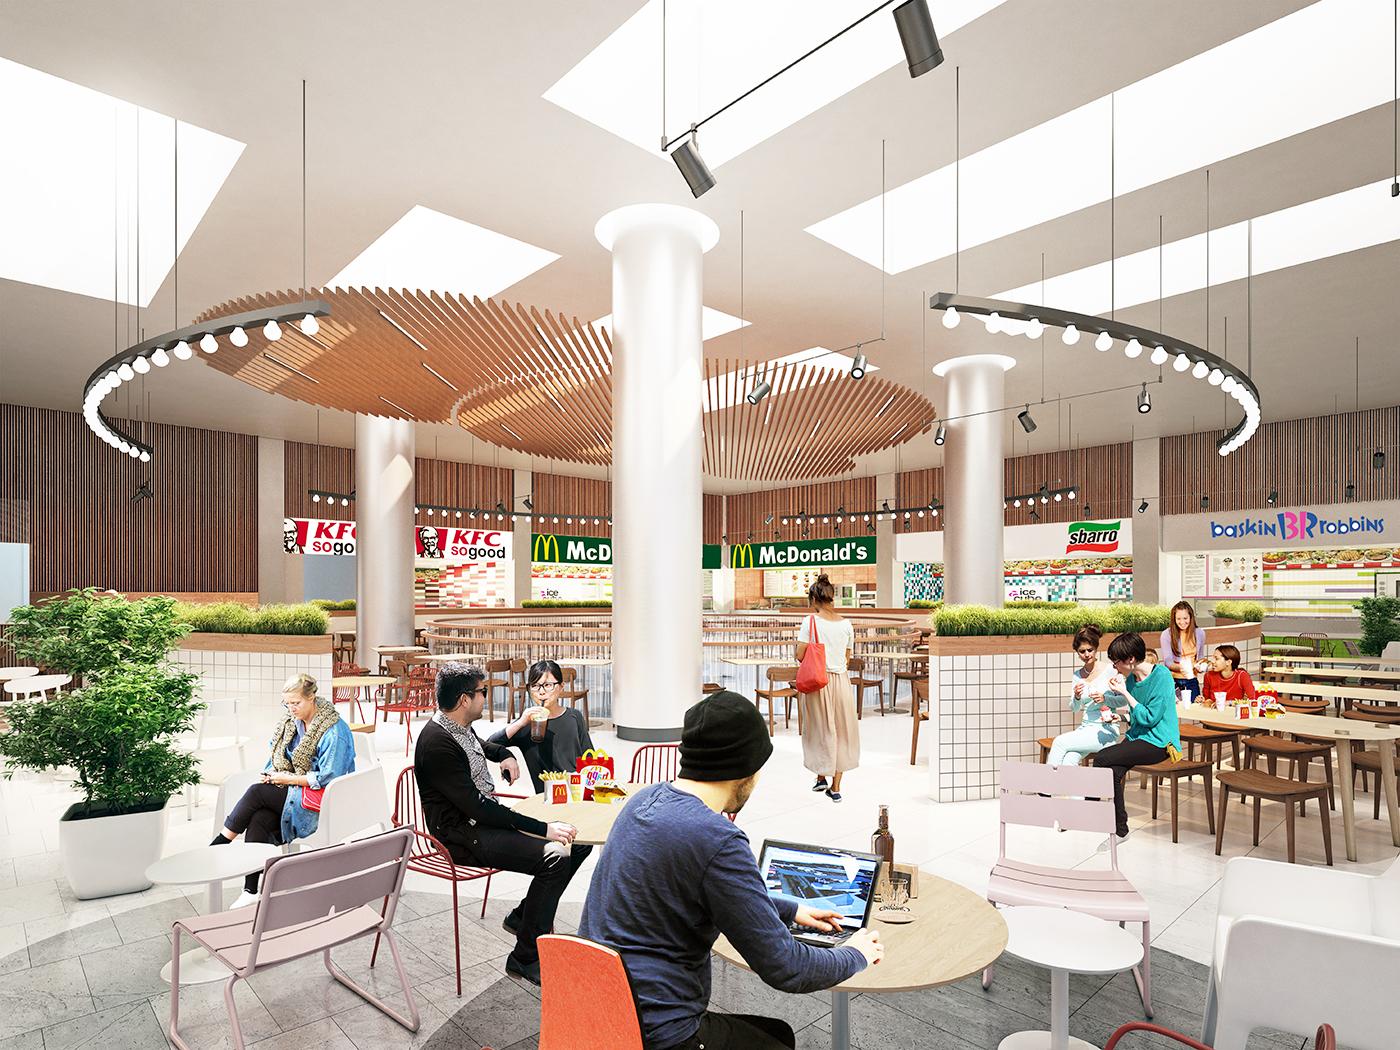 Этаж с фуд-кортами планируется заполнить зеленью и малыми архитектурными формами. Кроме того, здесь будет находиться кулинарная школа, рестораны, бары, стрит-фуд и кинотеатр